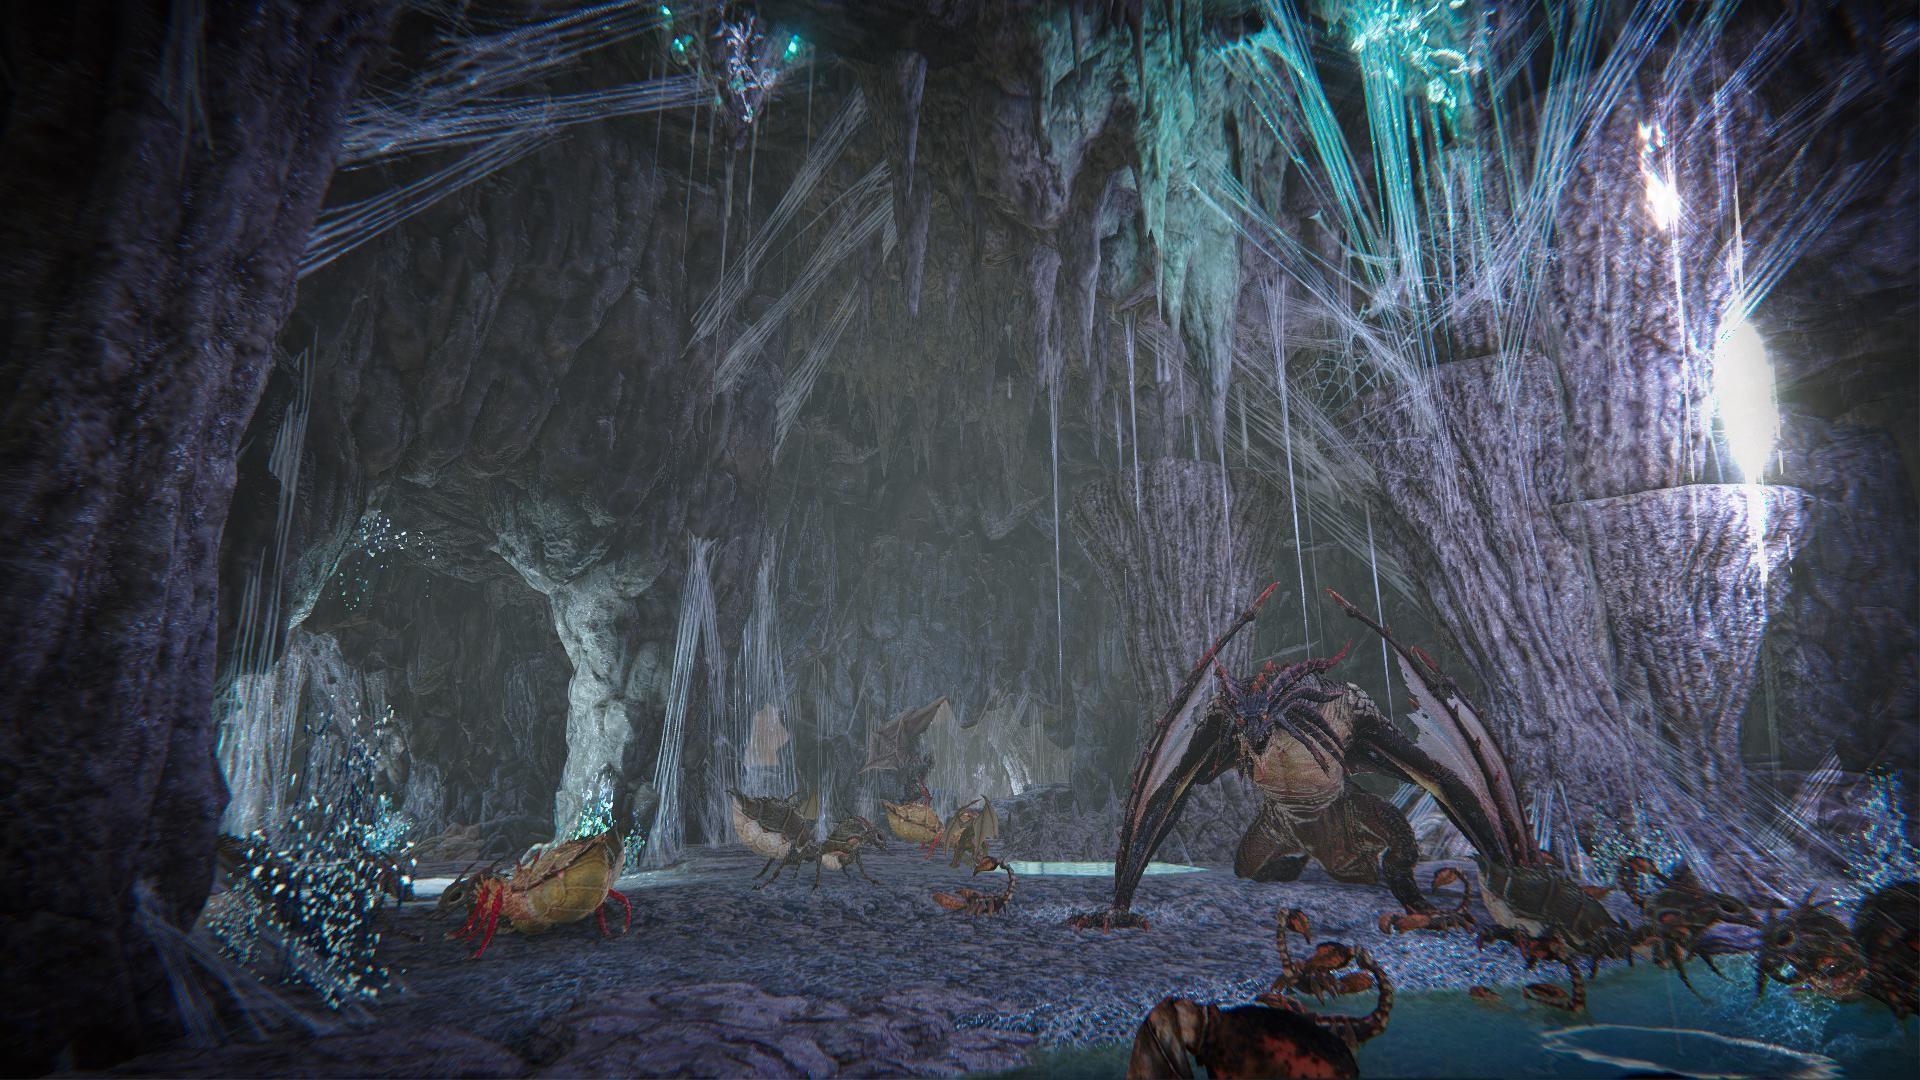 Autoři PUBG chystají novou hru, MMORPG Ascent: Infinite Realm 152524